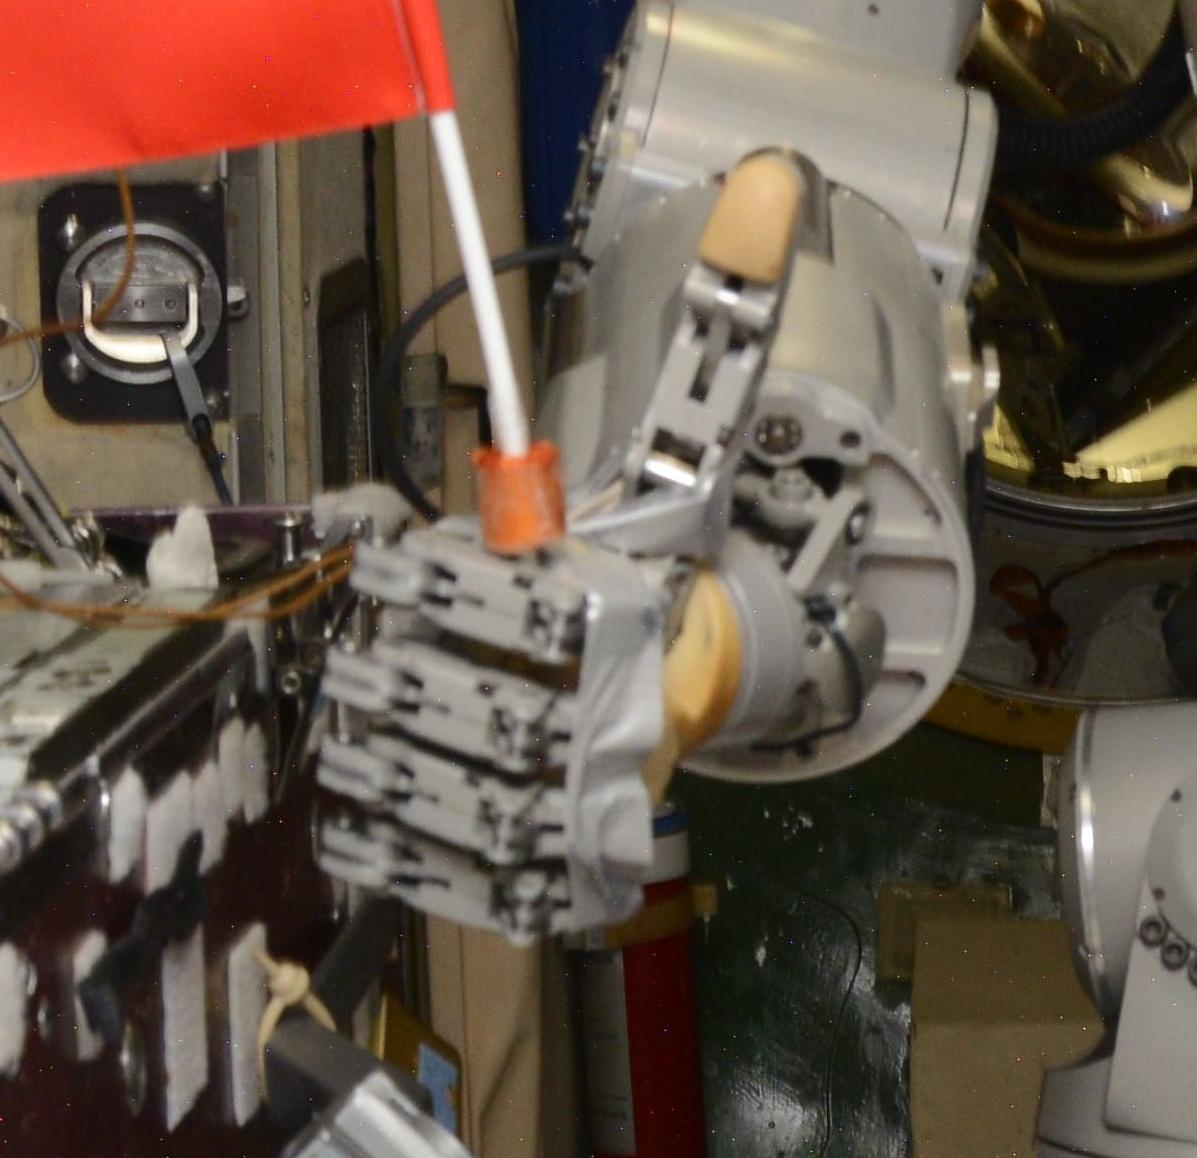 Робот FEDOR — много фото и даже видео с МКС, подготовка космонавта-оператора и первые испытания робота - 16